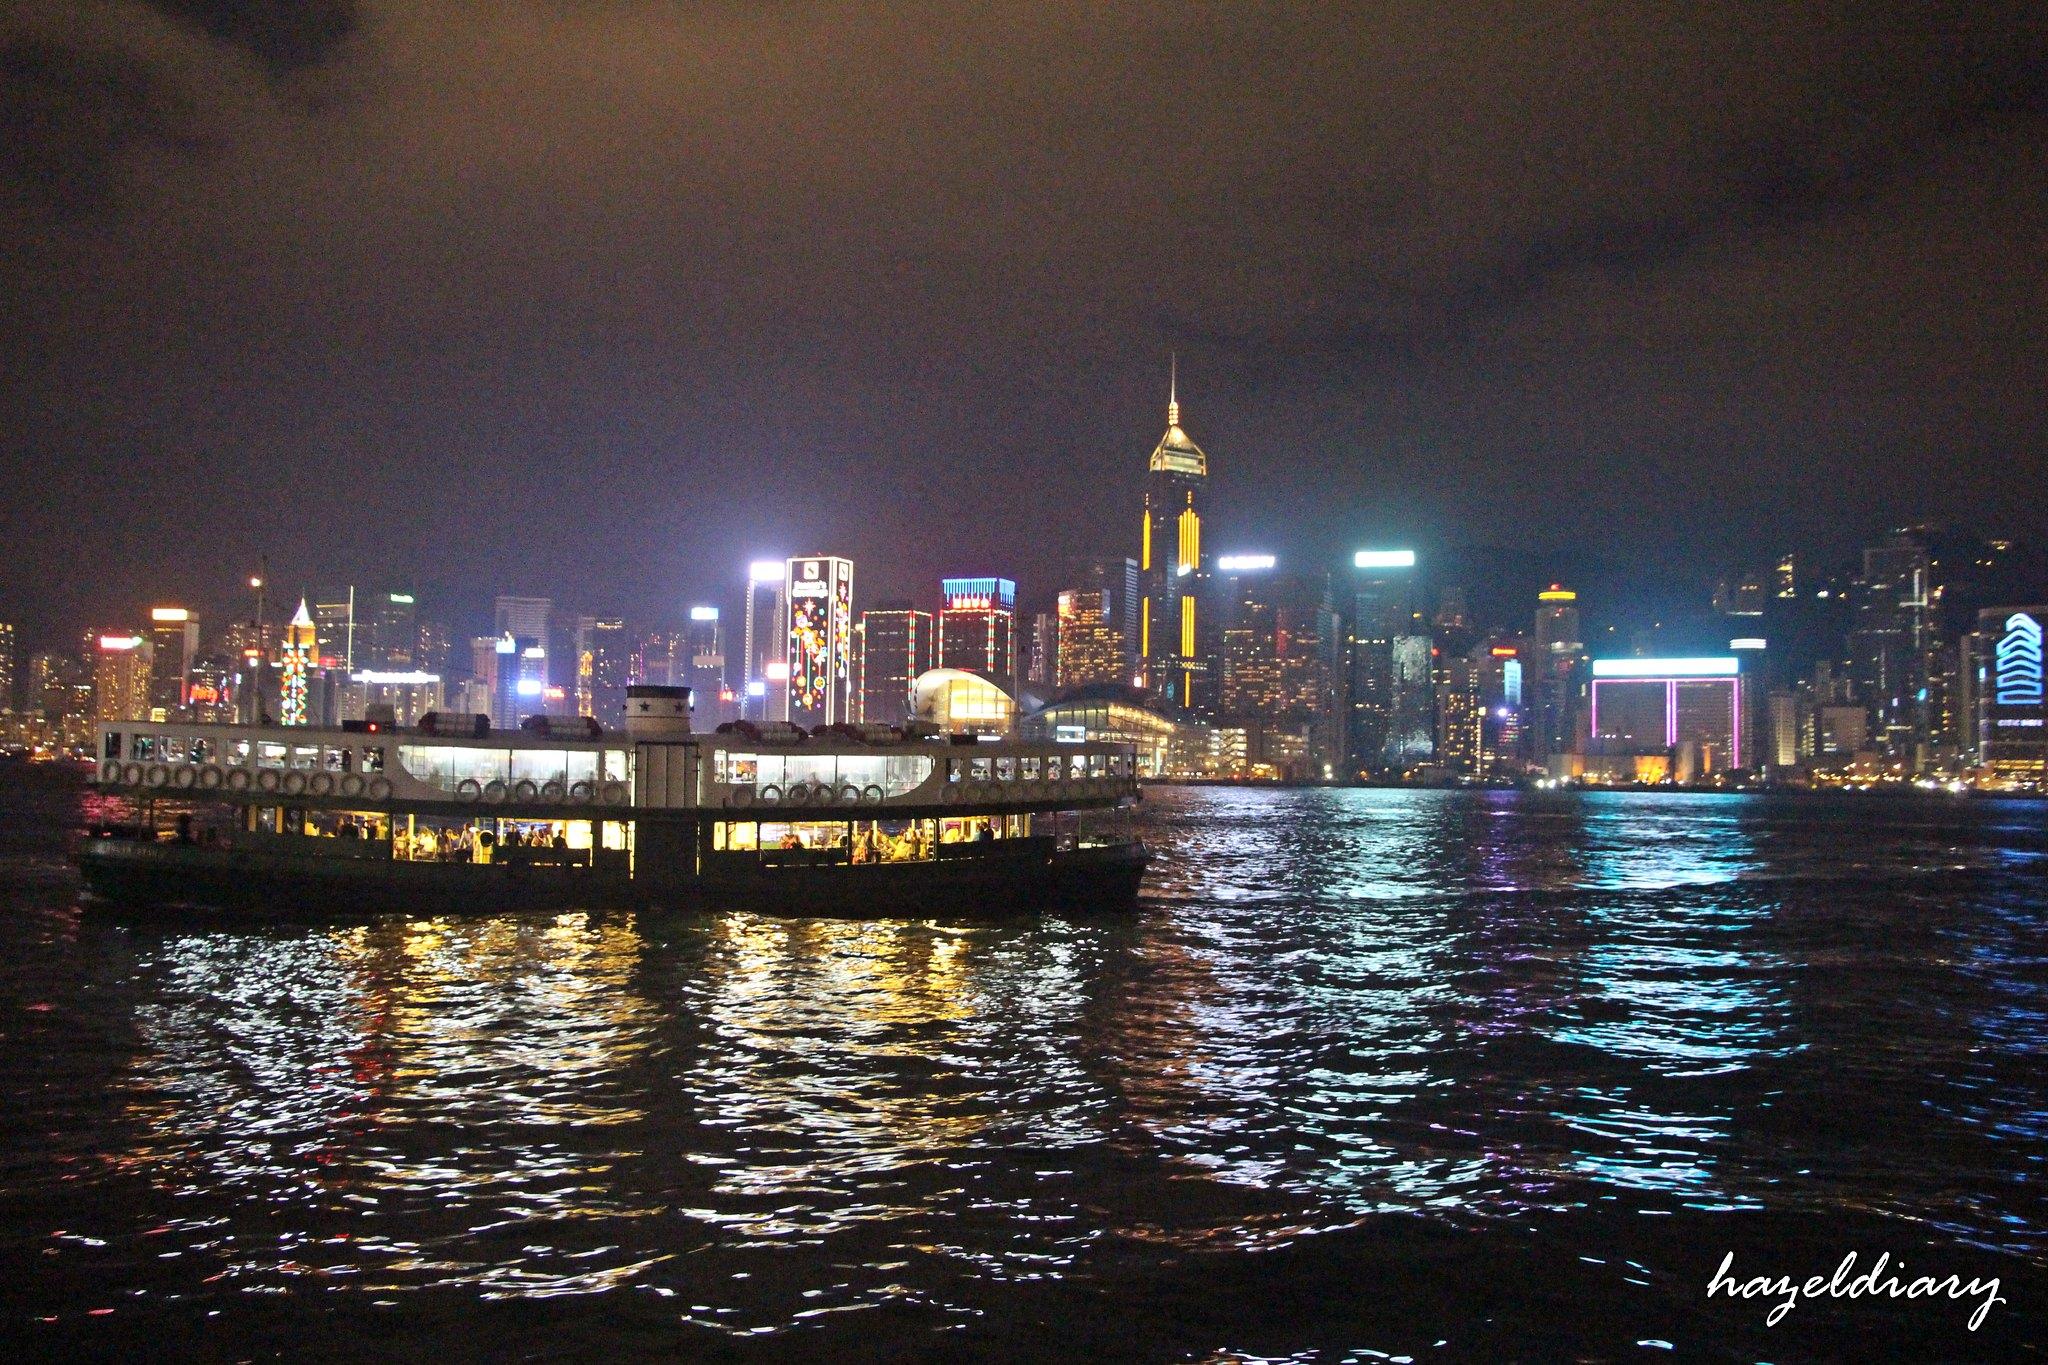 Hong Kong-Hazeldiary